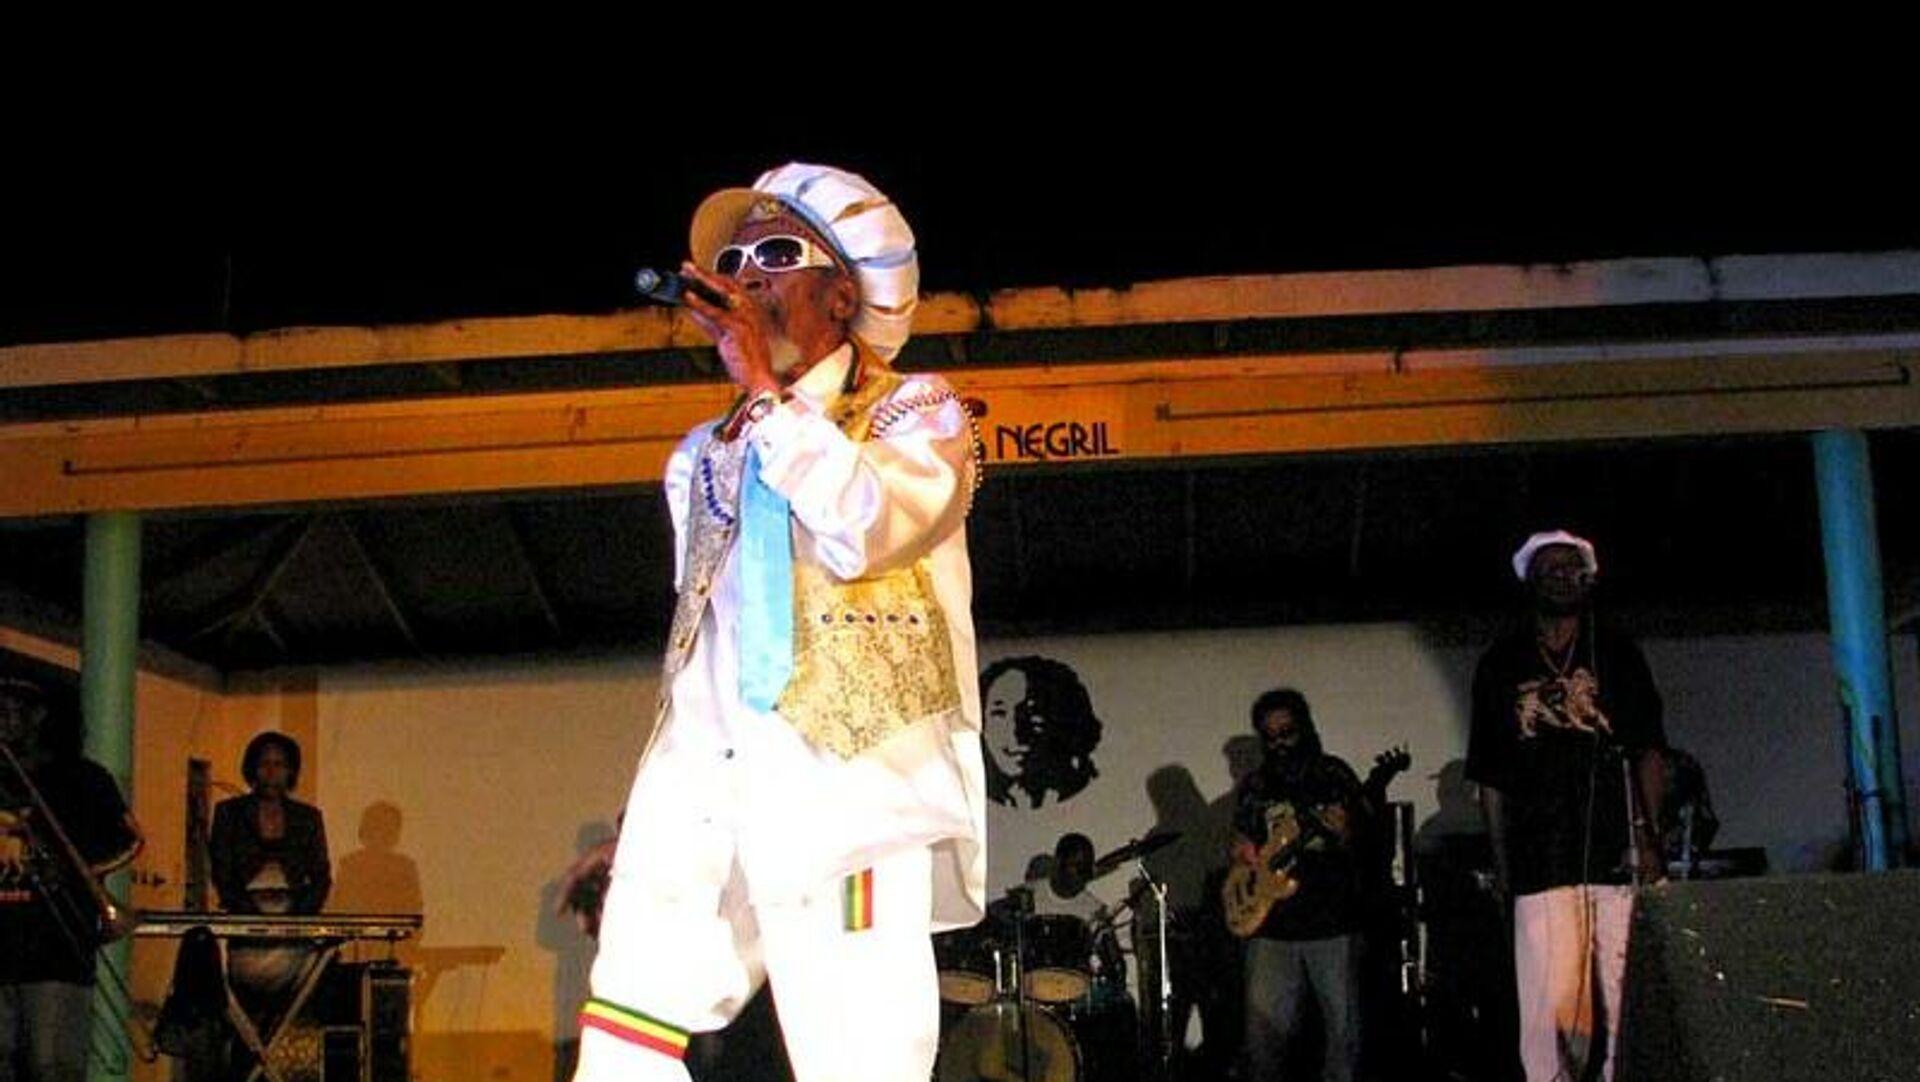 Bunny Wailer, artista jamaicano - Sputnik Mundo, 1920, 02.03.2021